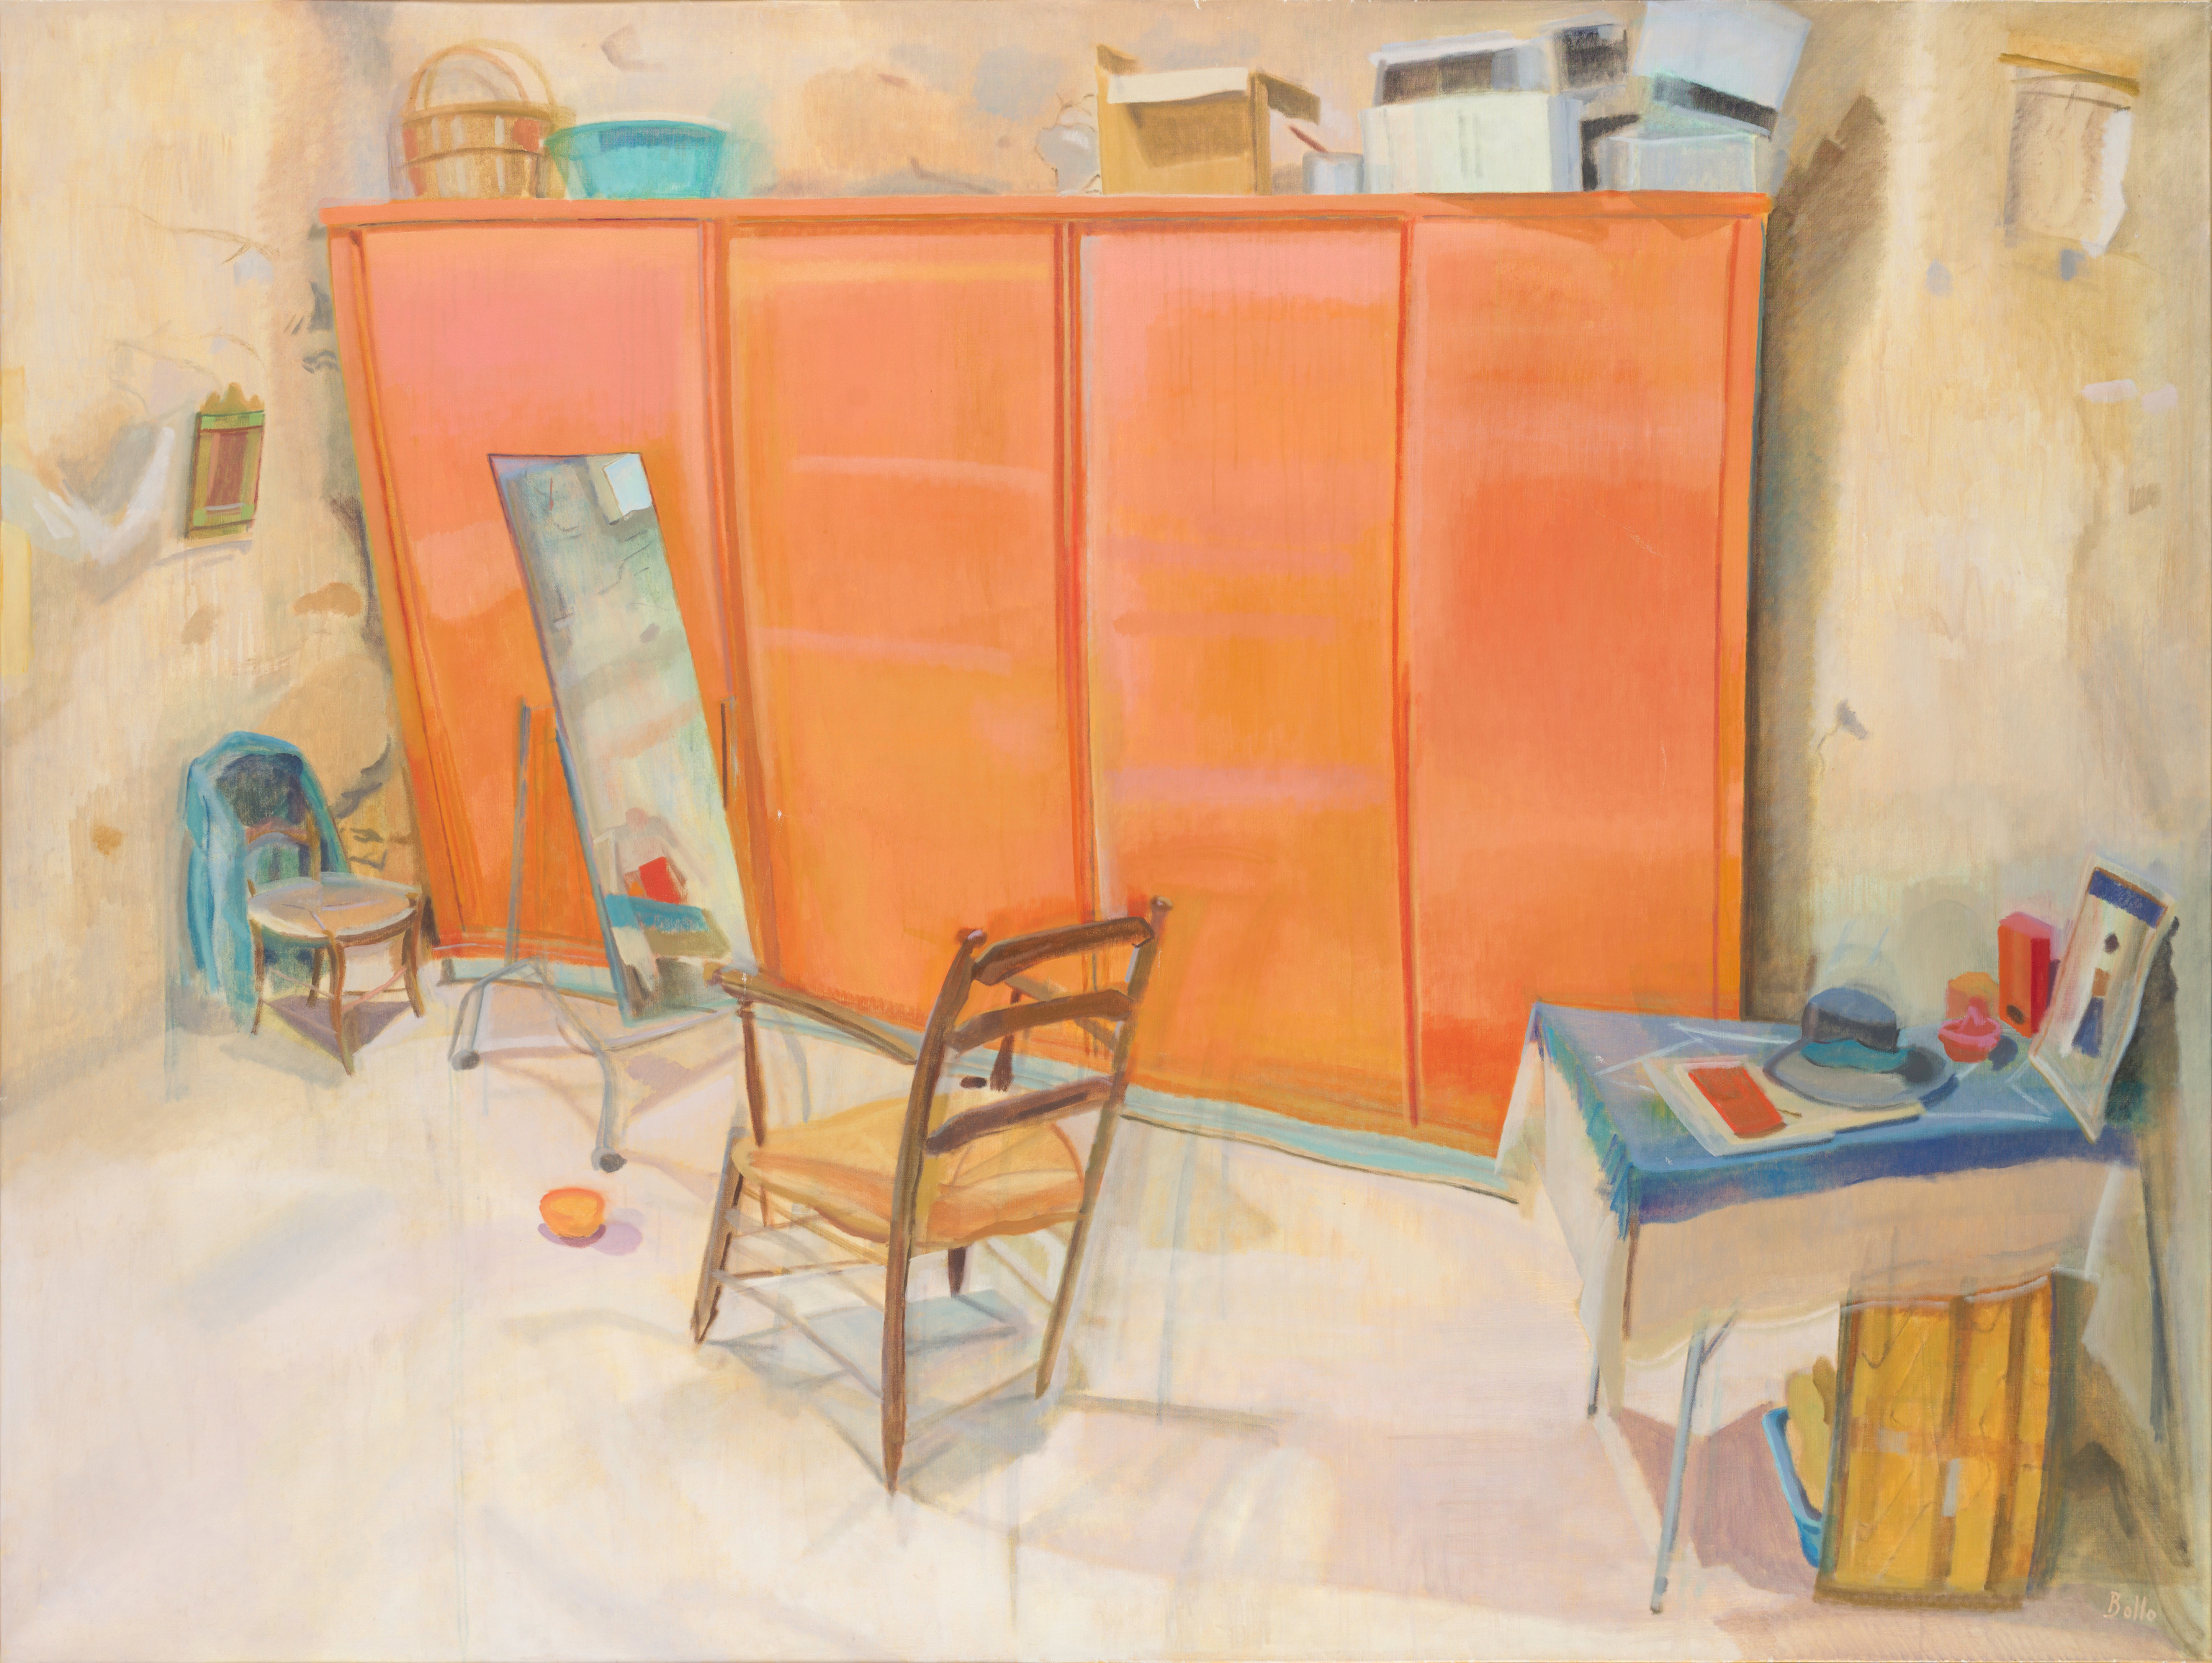 La grande armoire orange